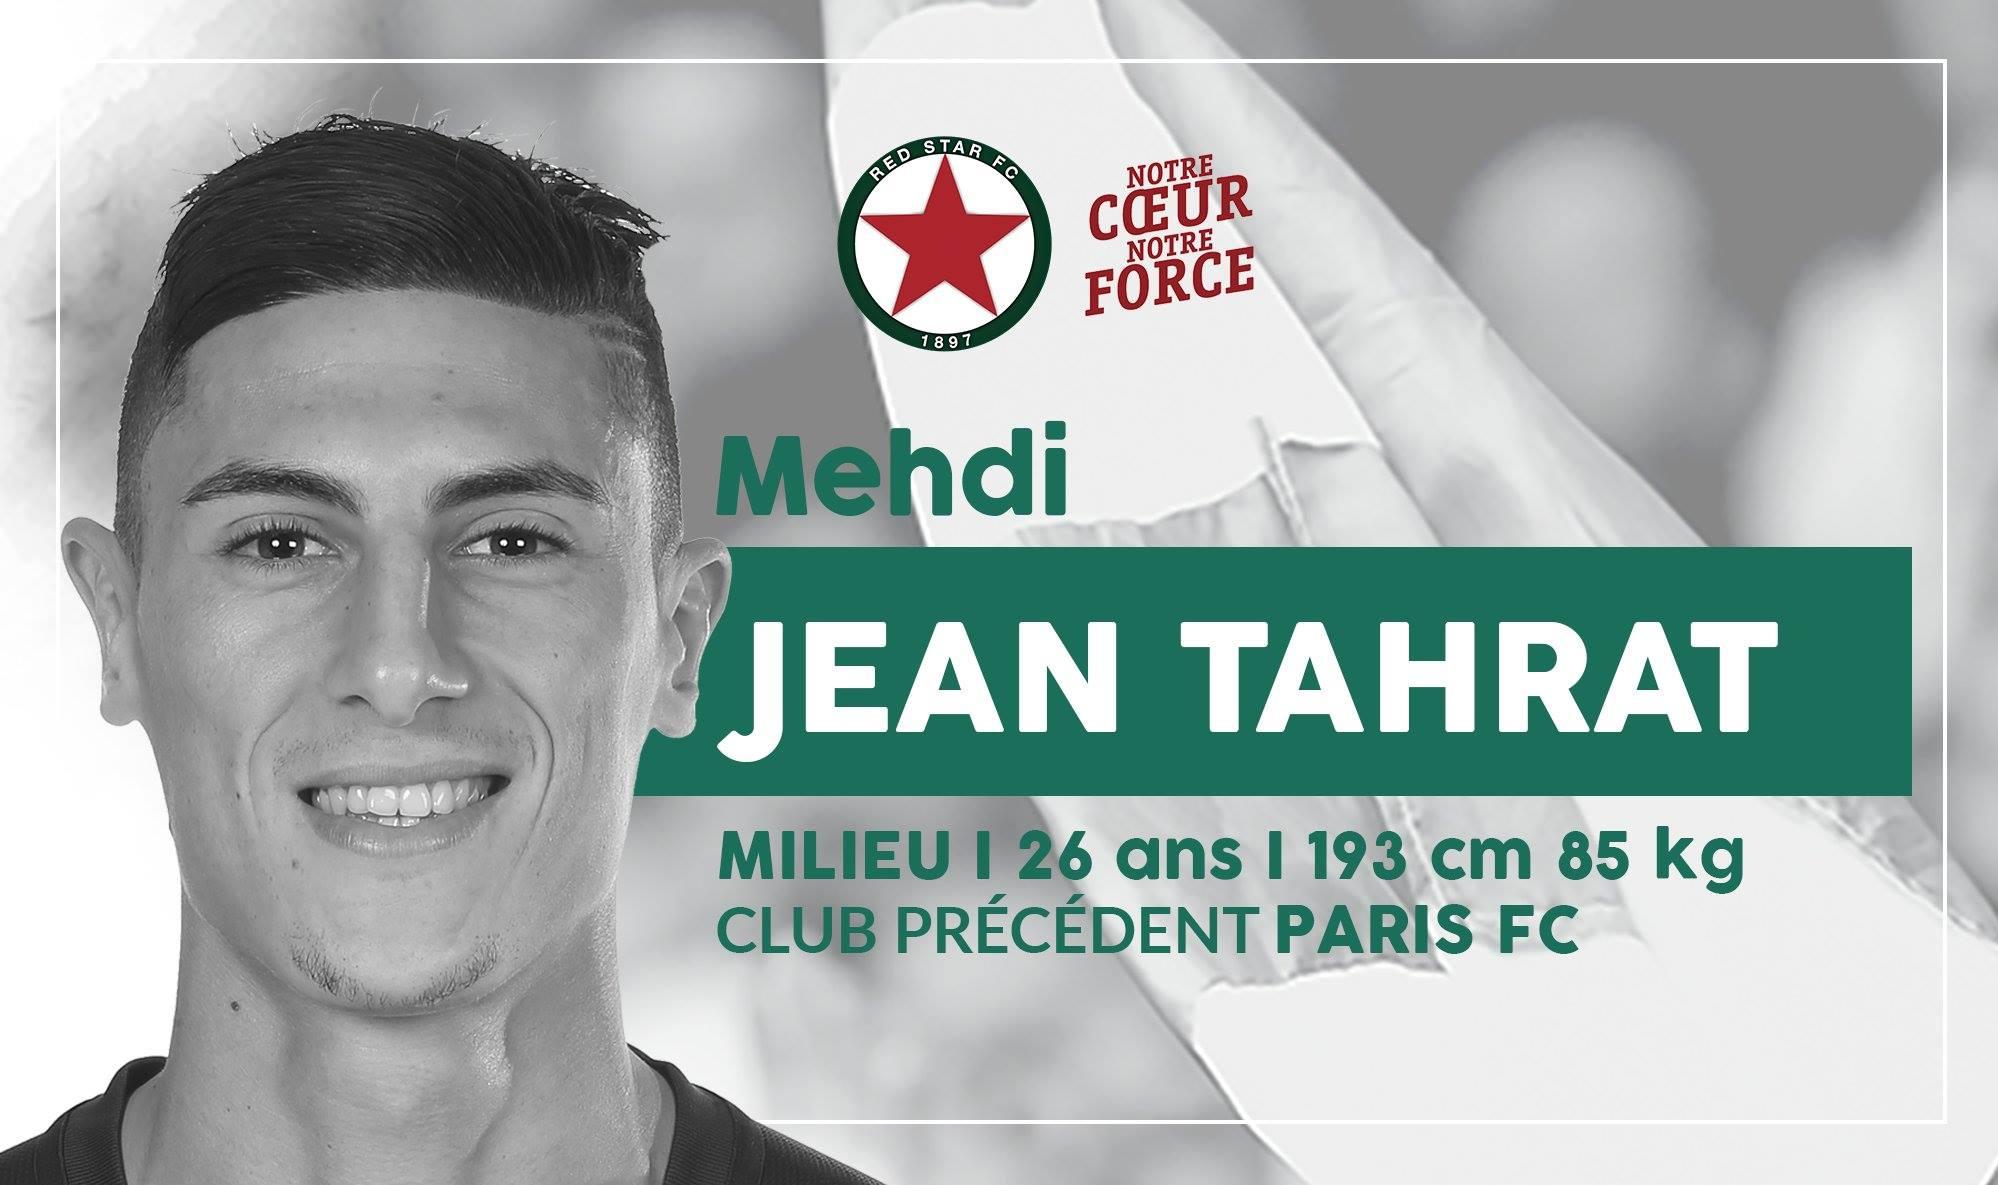 Mehdi-jean-tahrat-fennec-red-star